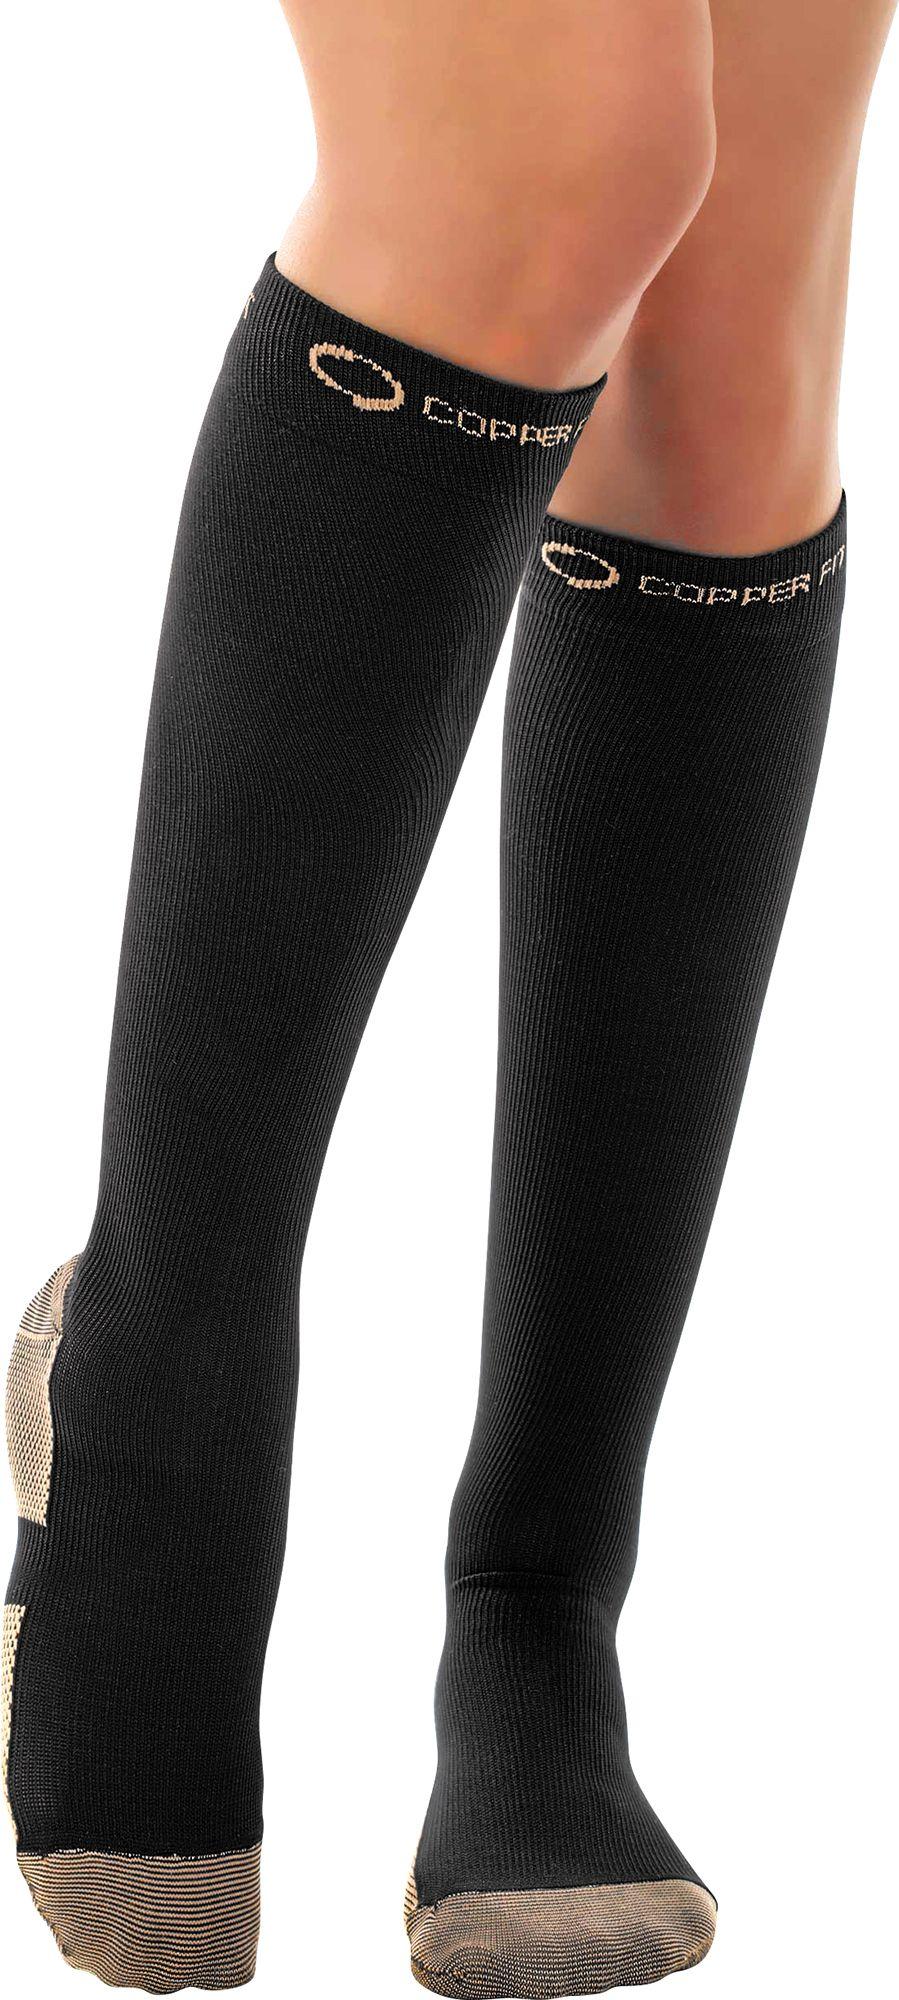 Knee L Import Untuk Infus System Daftar Harga Terkini Dan Karet Neple Copper Fit Energy Compression Socks